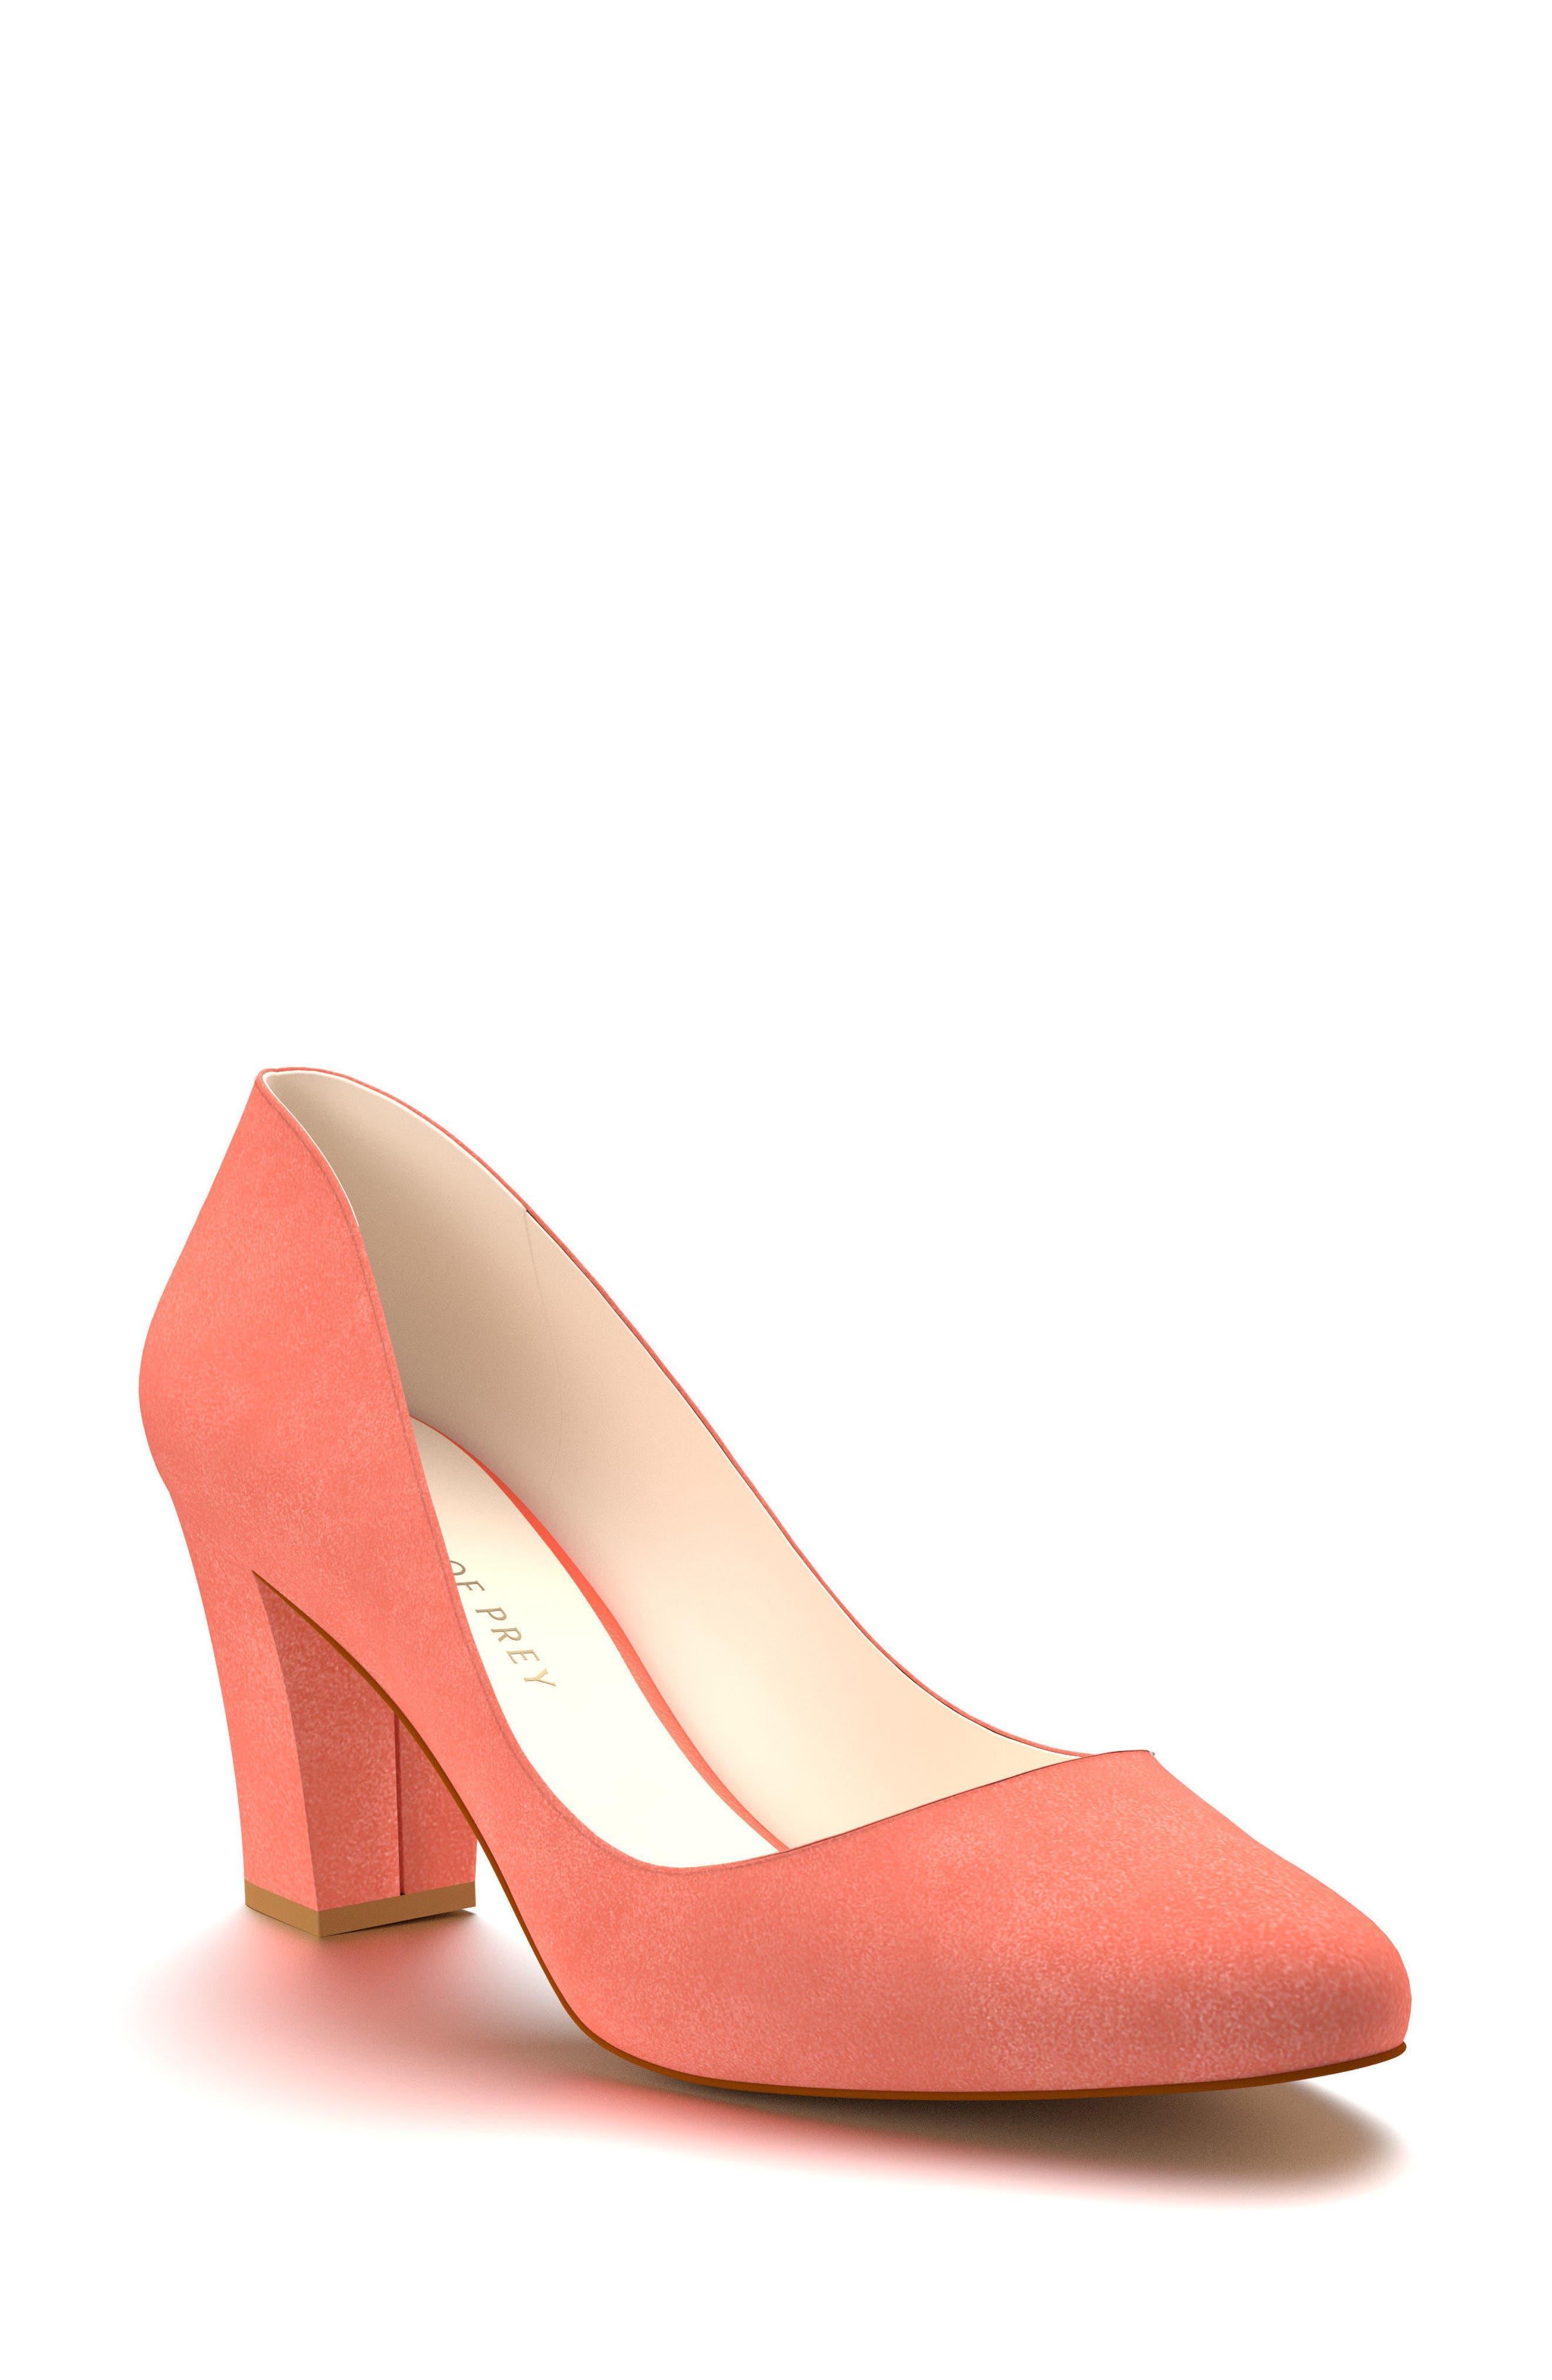 Shoes of Prey Block Heel Pump (Women)